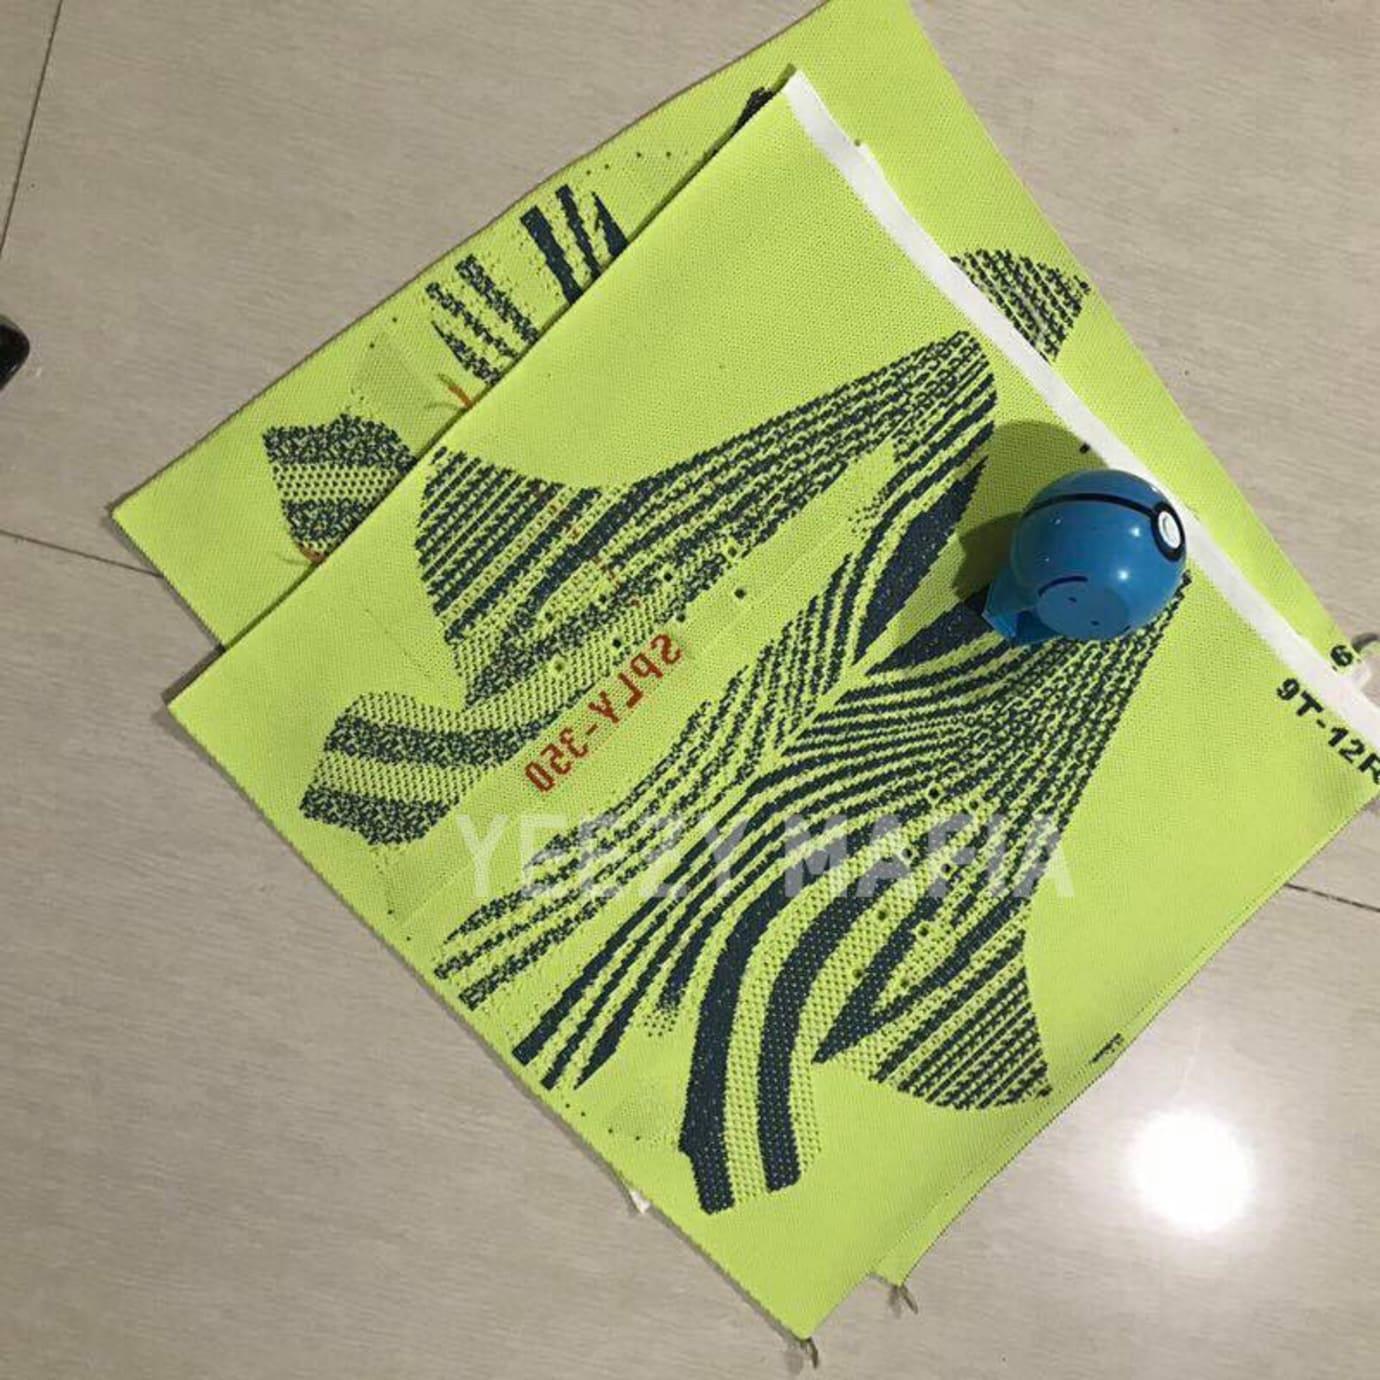 Adidas Yeezy 350 Boost V2 Semi Frozen Yellow Release Date Pattern B37572